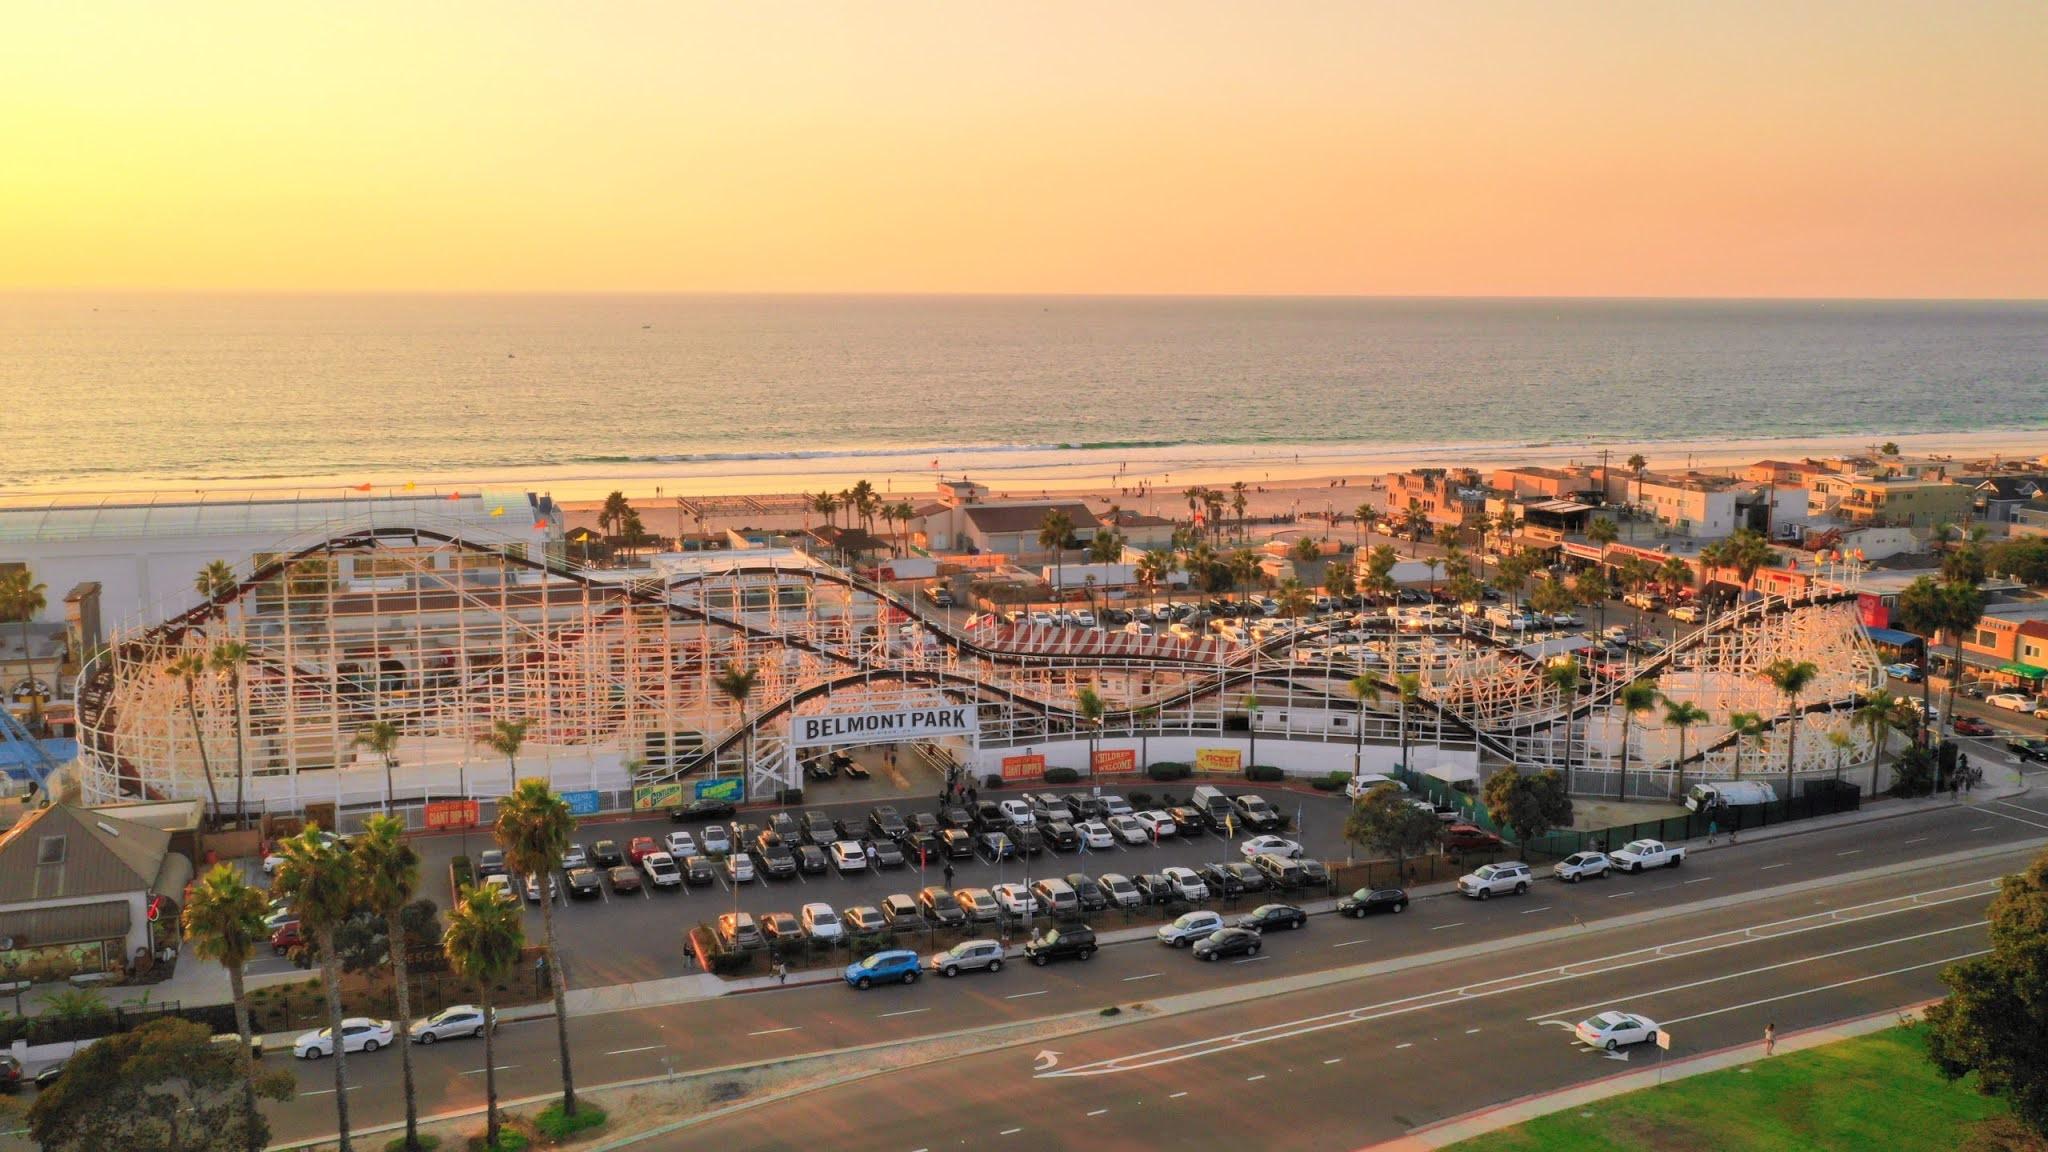 Belmont Park in San Diego - Feel the Joyful